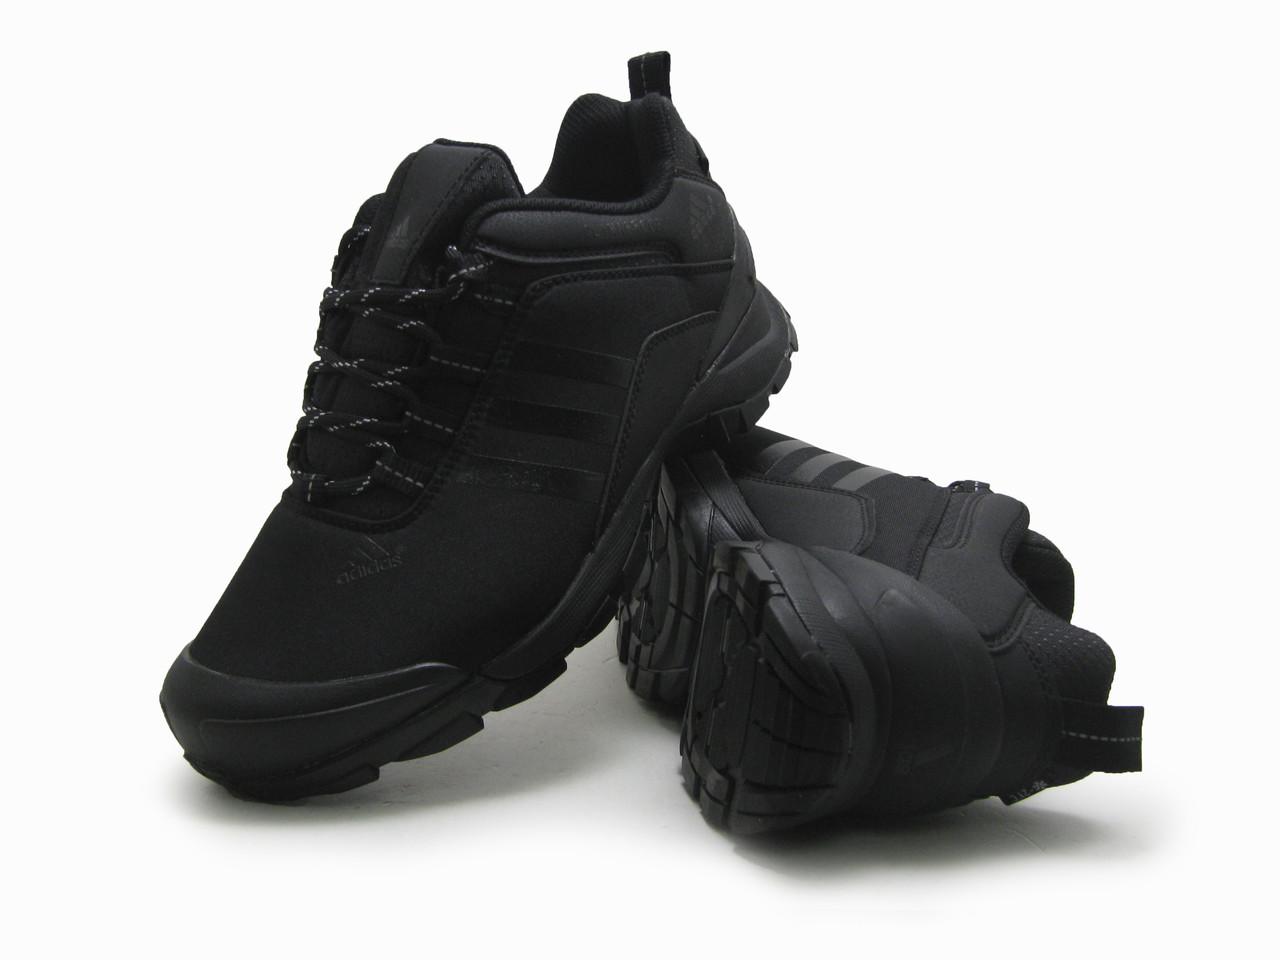 c8c60ab074ff Adidas Terrex Climaproof Thermo - кроссовки зимние мужские - Интернет-магазин  TopTrend в Харькове